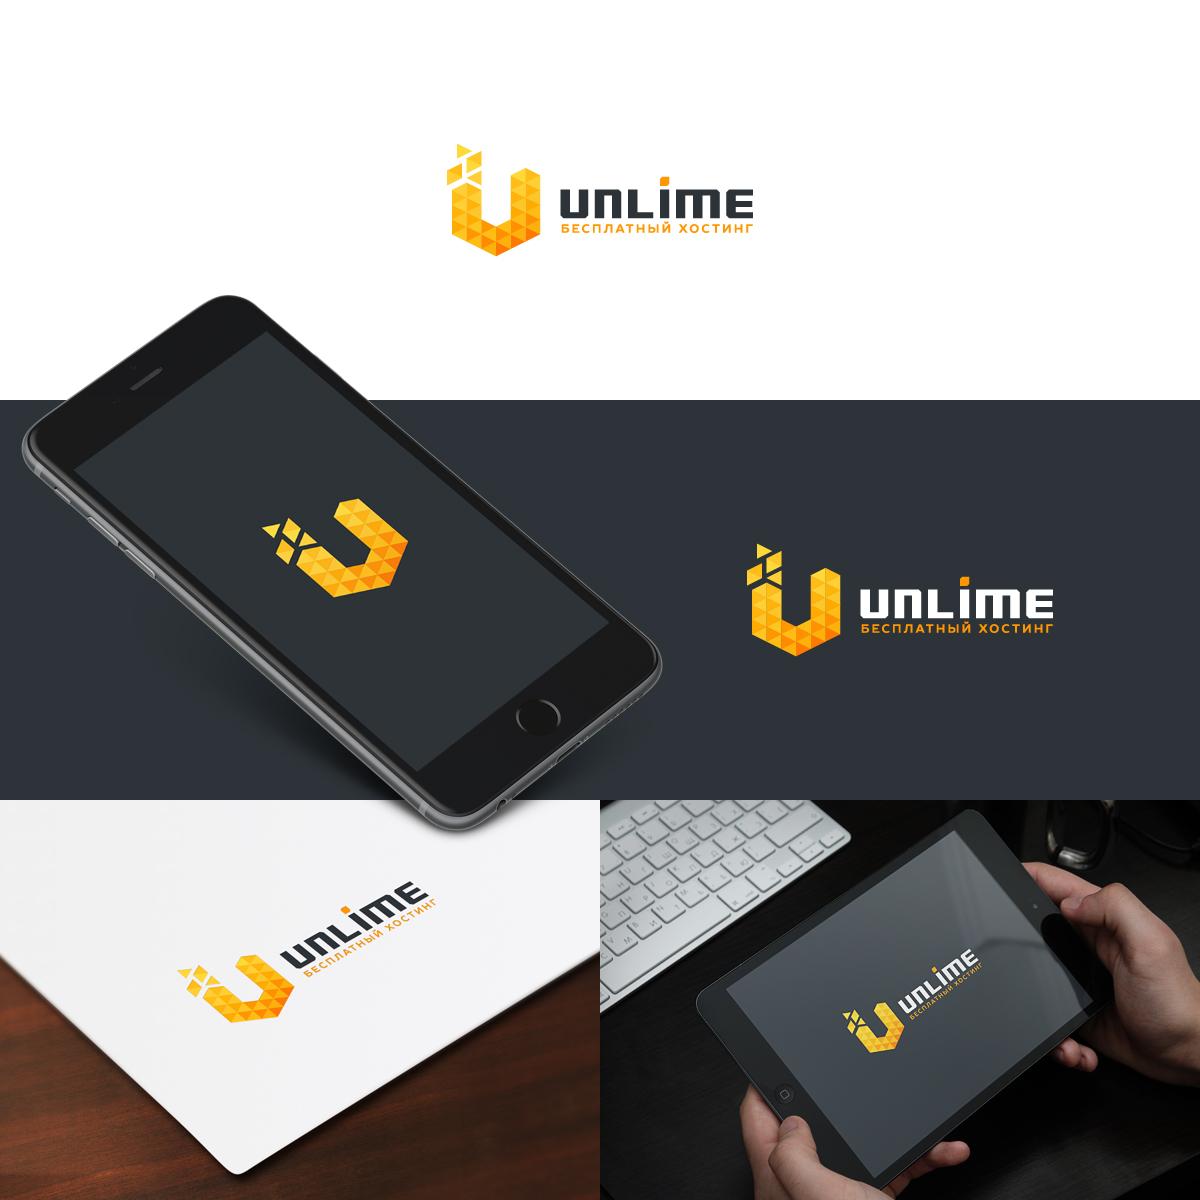 Разработка логотипа и фирменного стиля фото f_446594532c12eabe.jpg